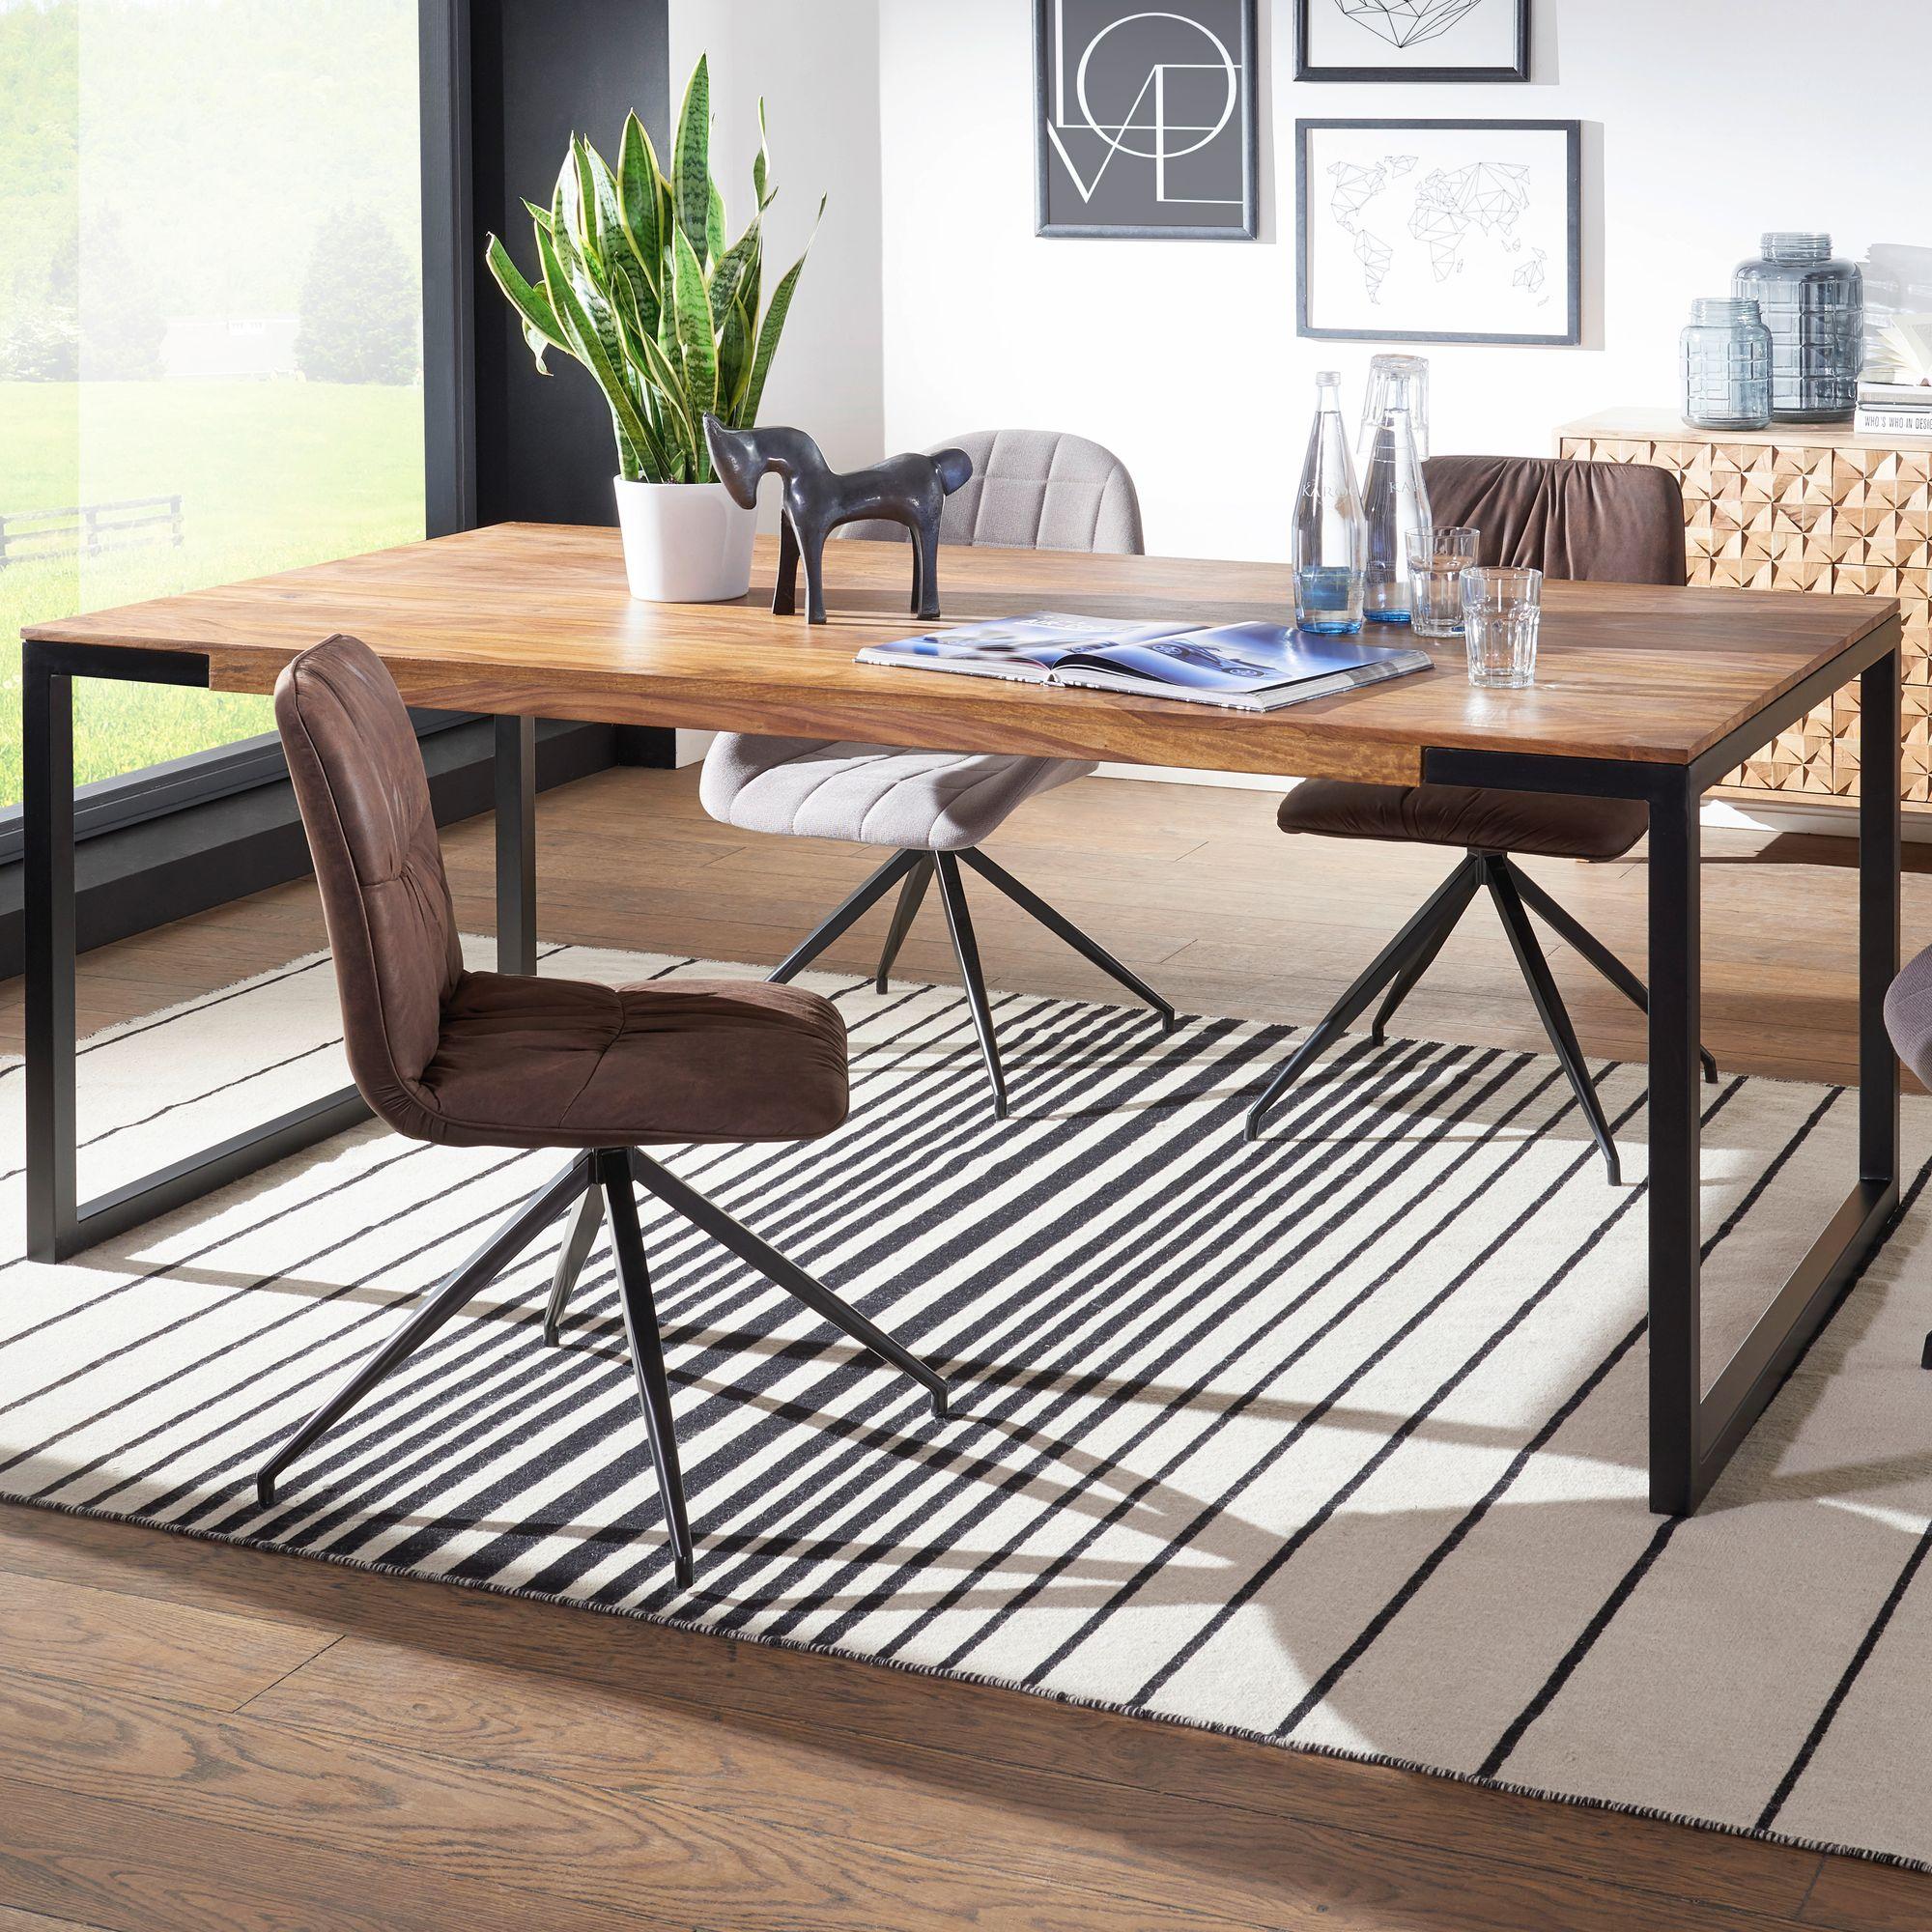 FineBuy Design Esstisch GOYAL Sheesham Holztisch mit Metallbeinen   Massiver Esszimmertisch Braun / Schwarz  Großer Tisch Echtholz / Metall